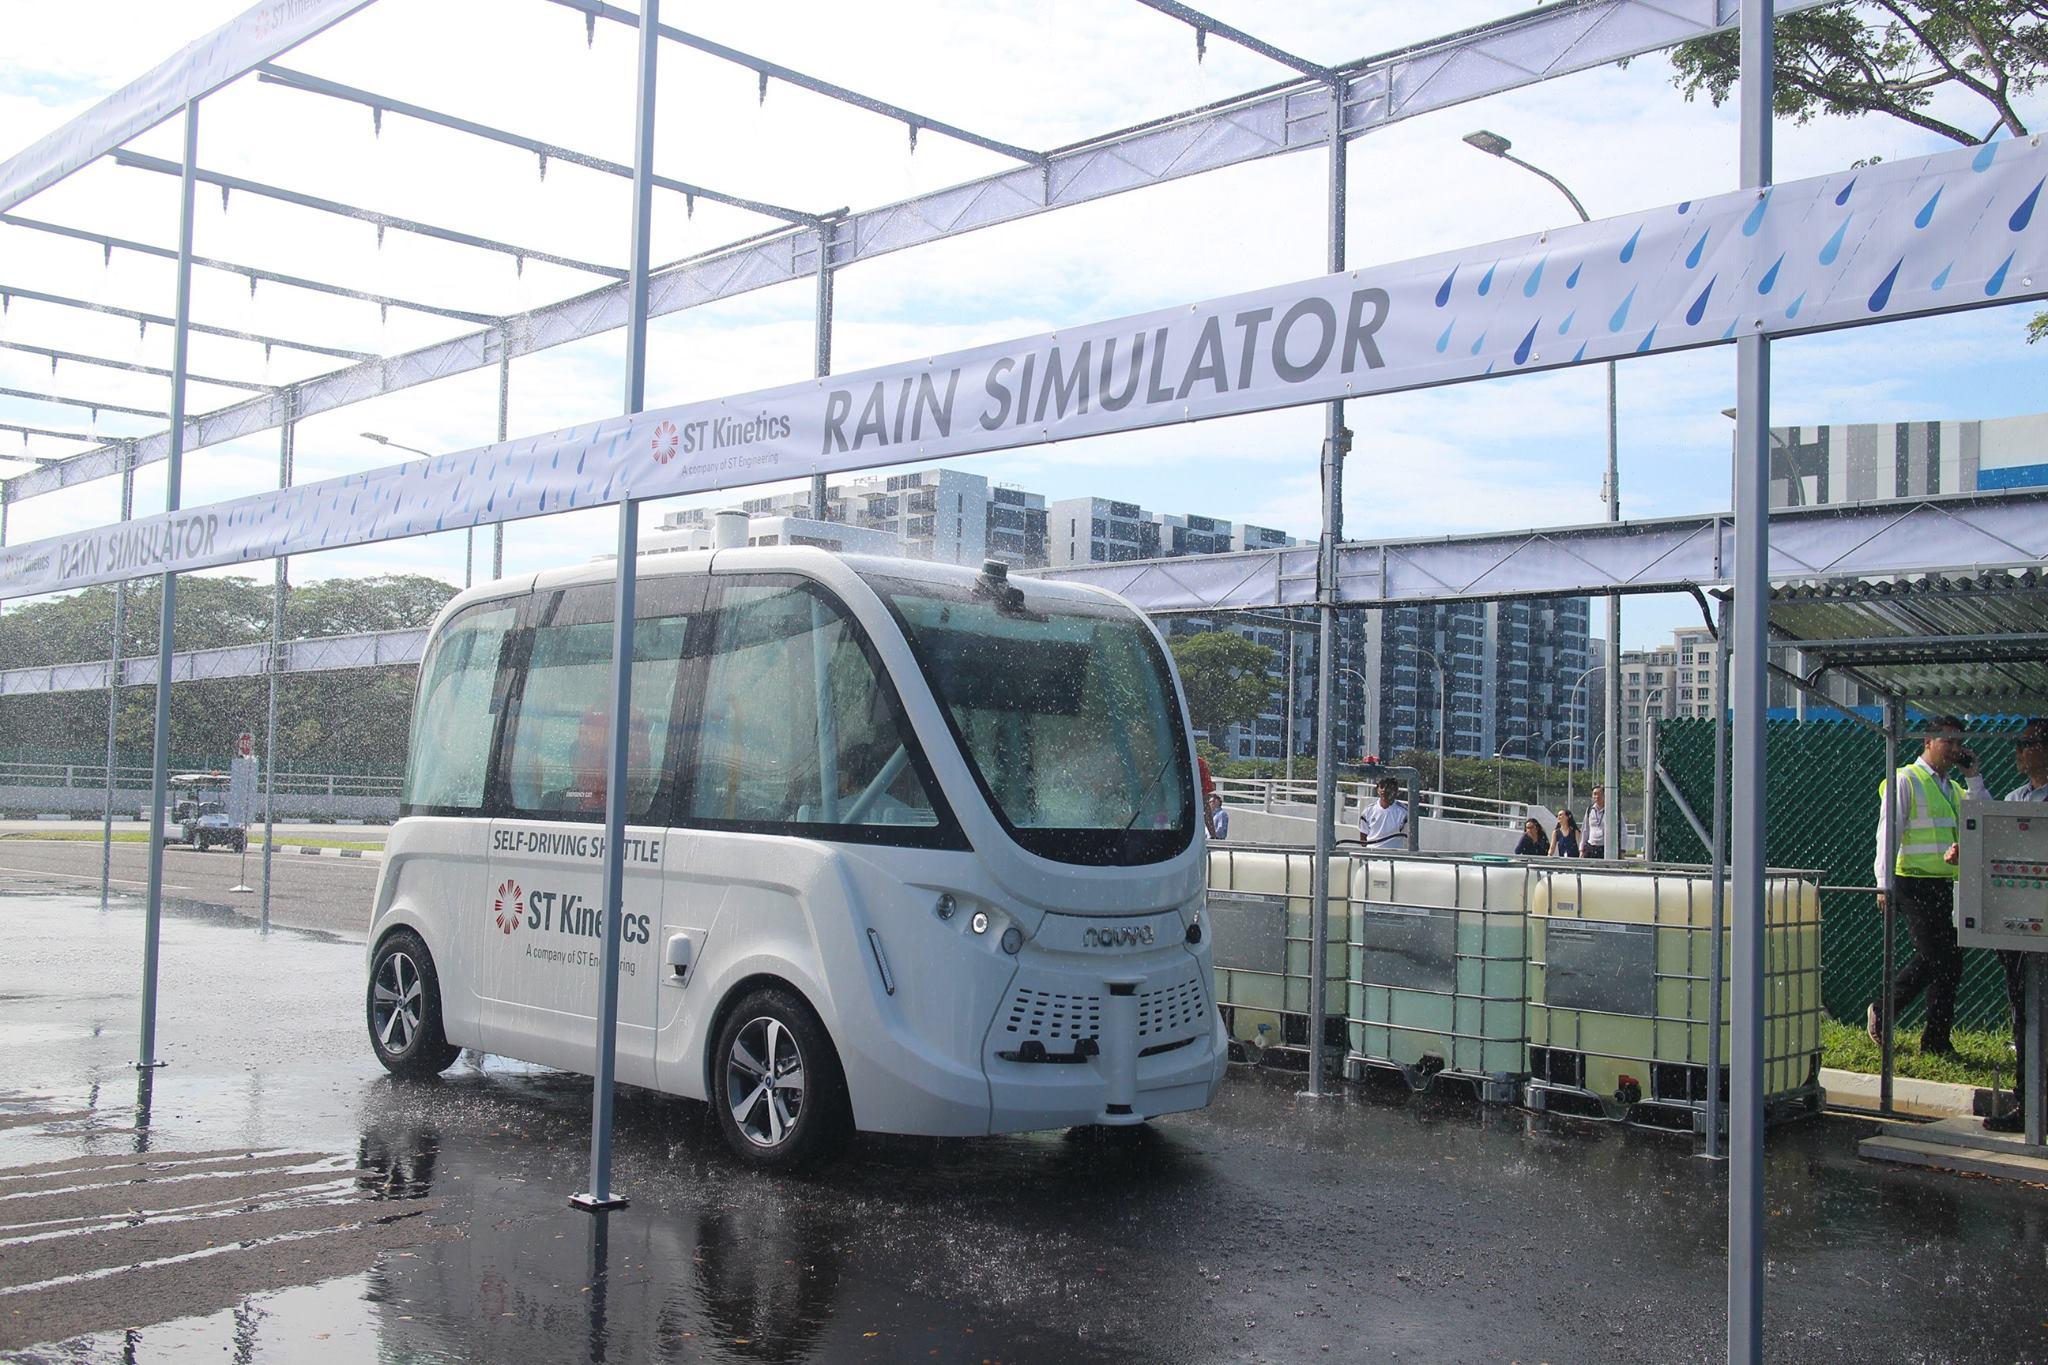 The centre also has a rain simulator